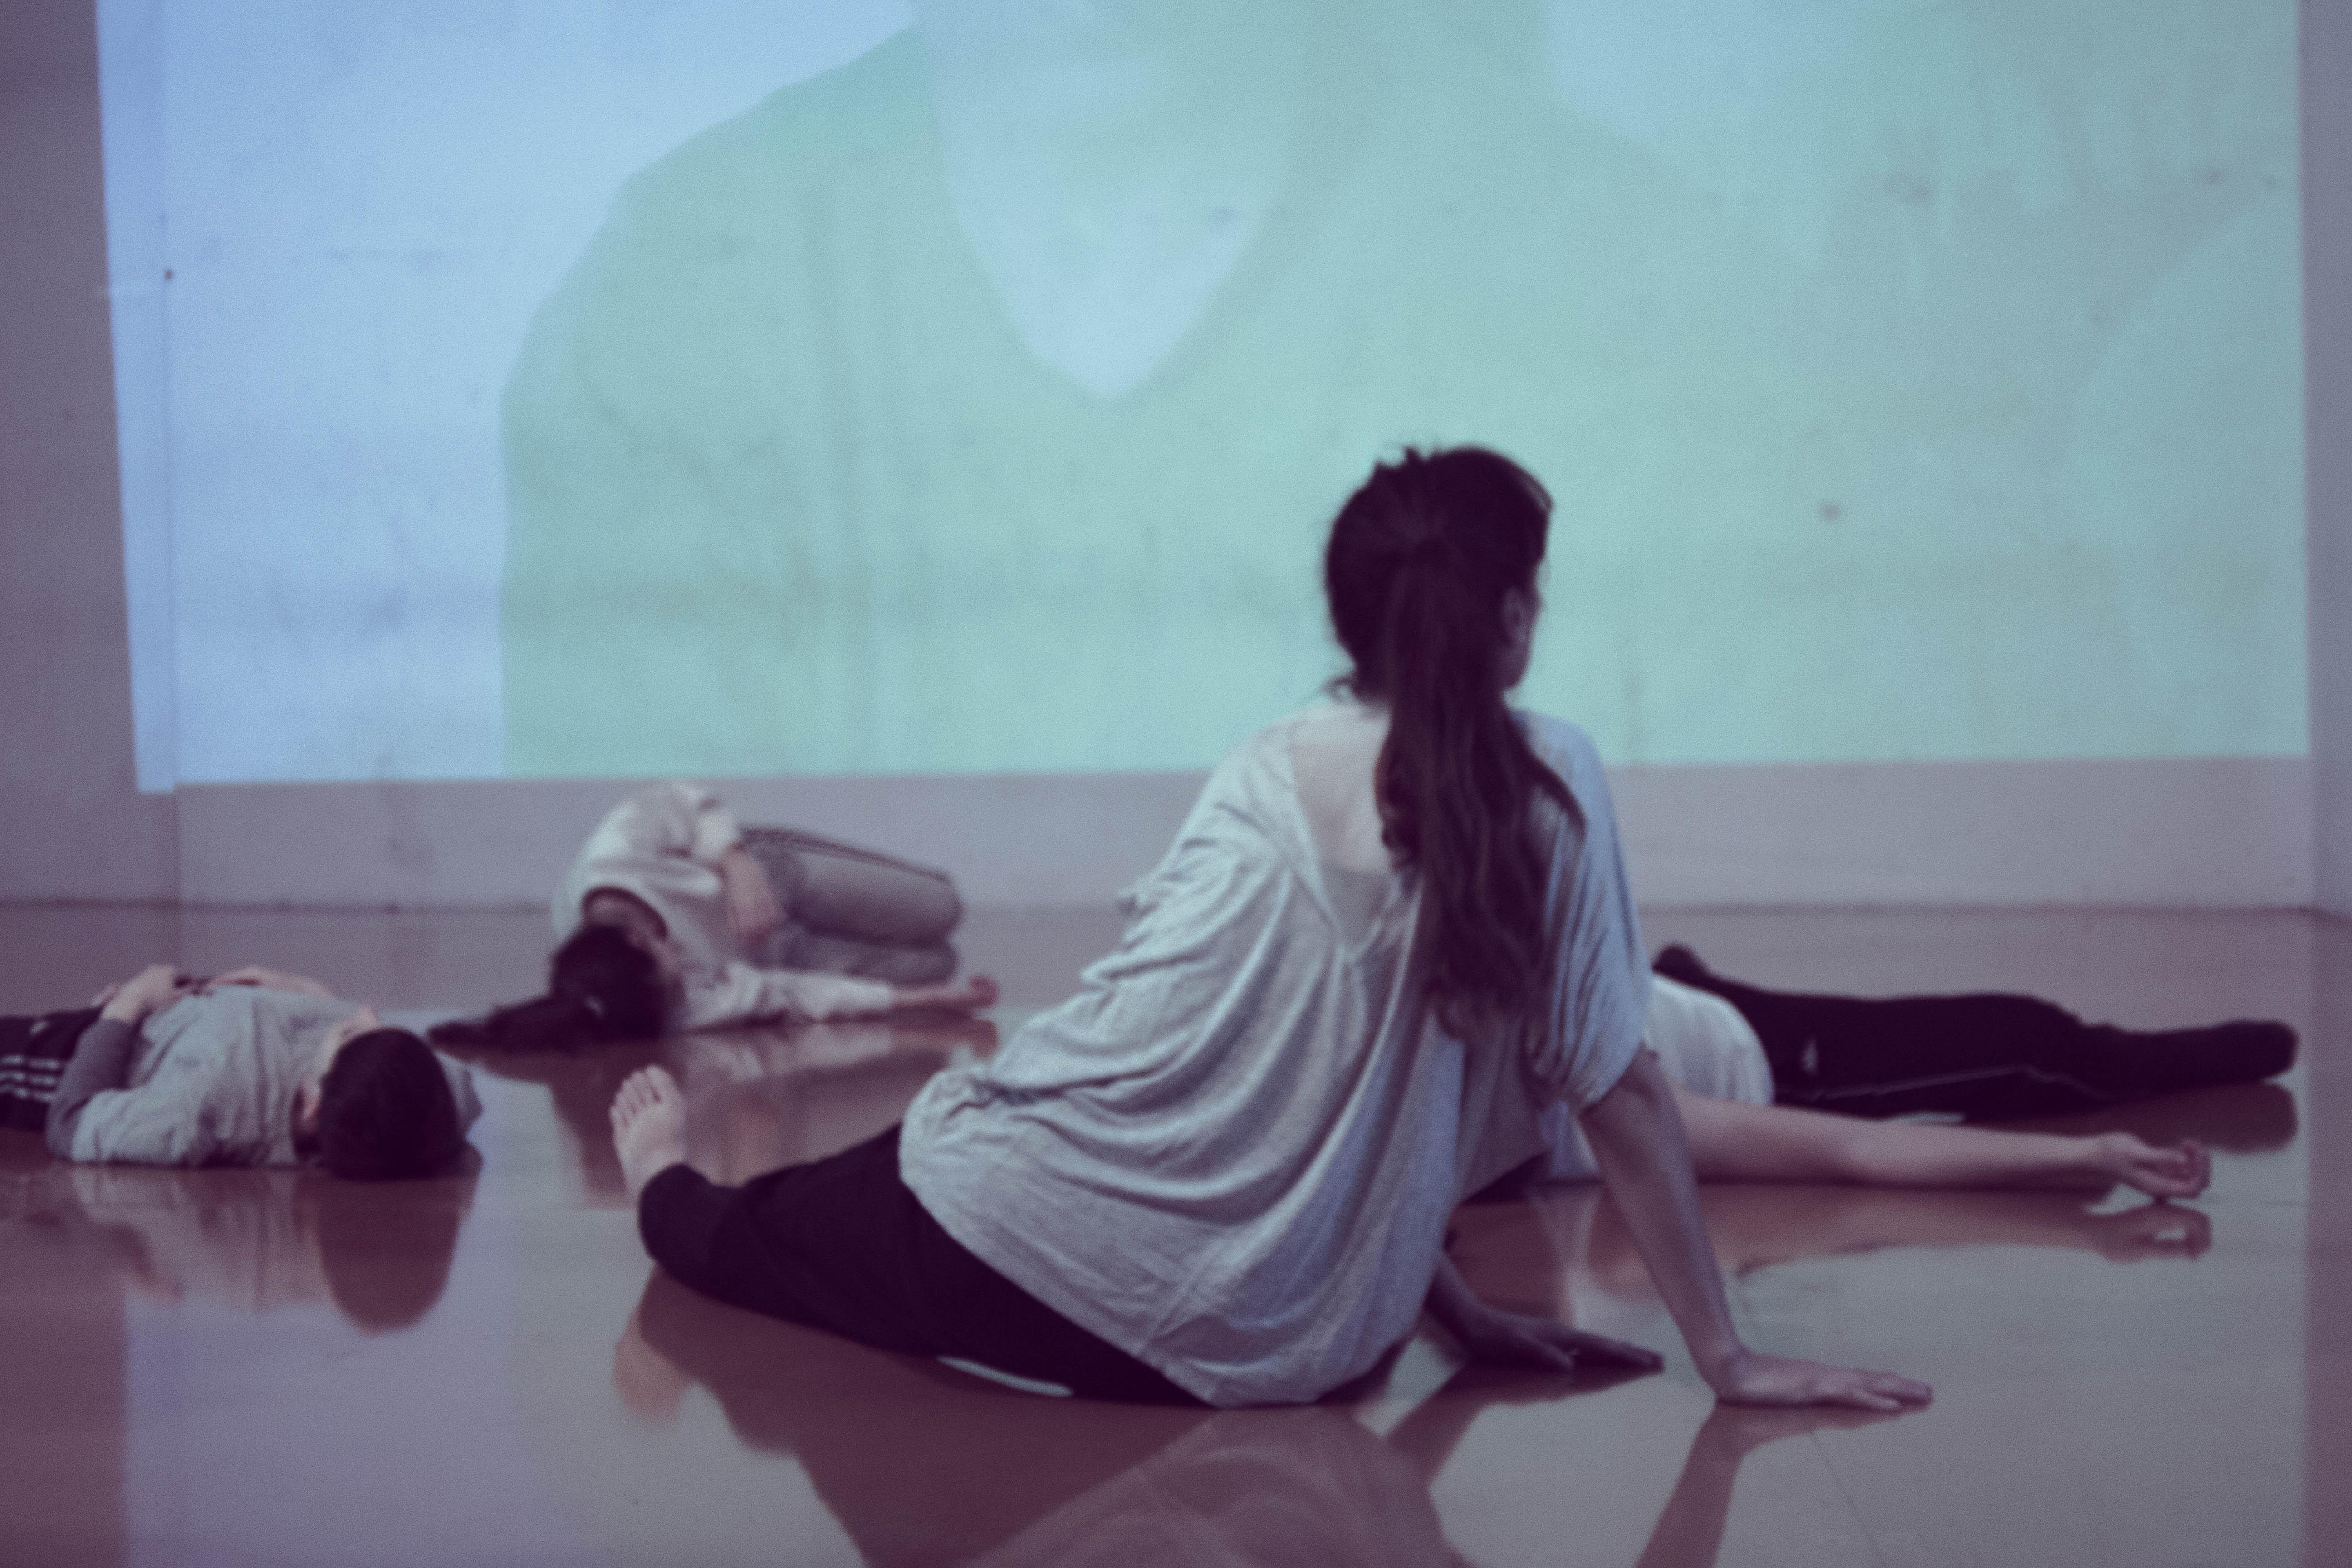 Los bailarines, siempre a la expectativa de lo que suceda a cada instante. Foto: Gentileza Andrea Saltiel.